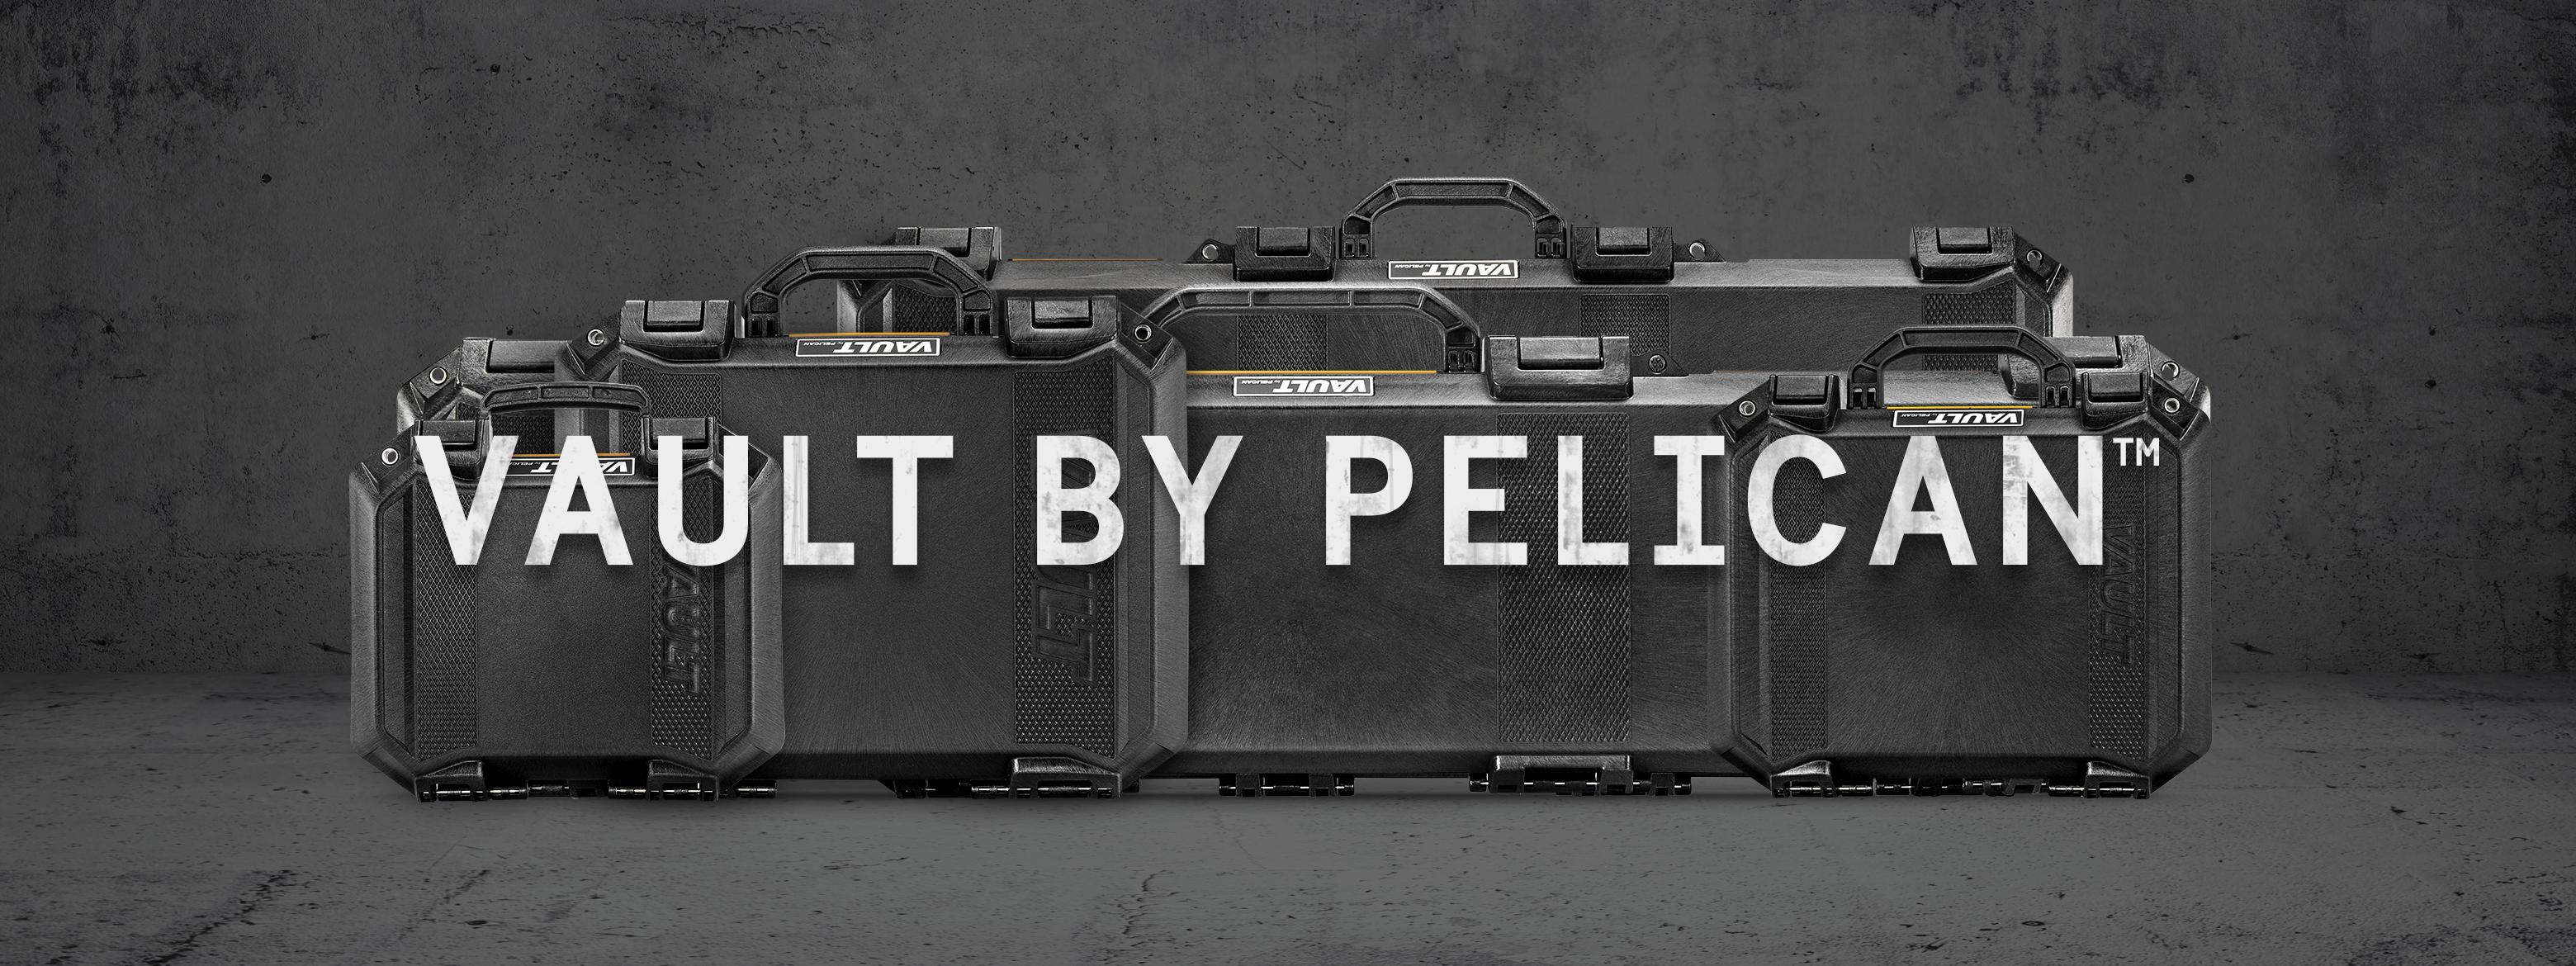 Vault by Pelican